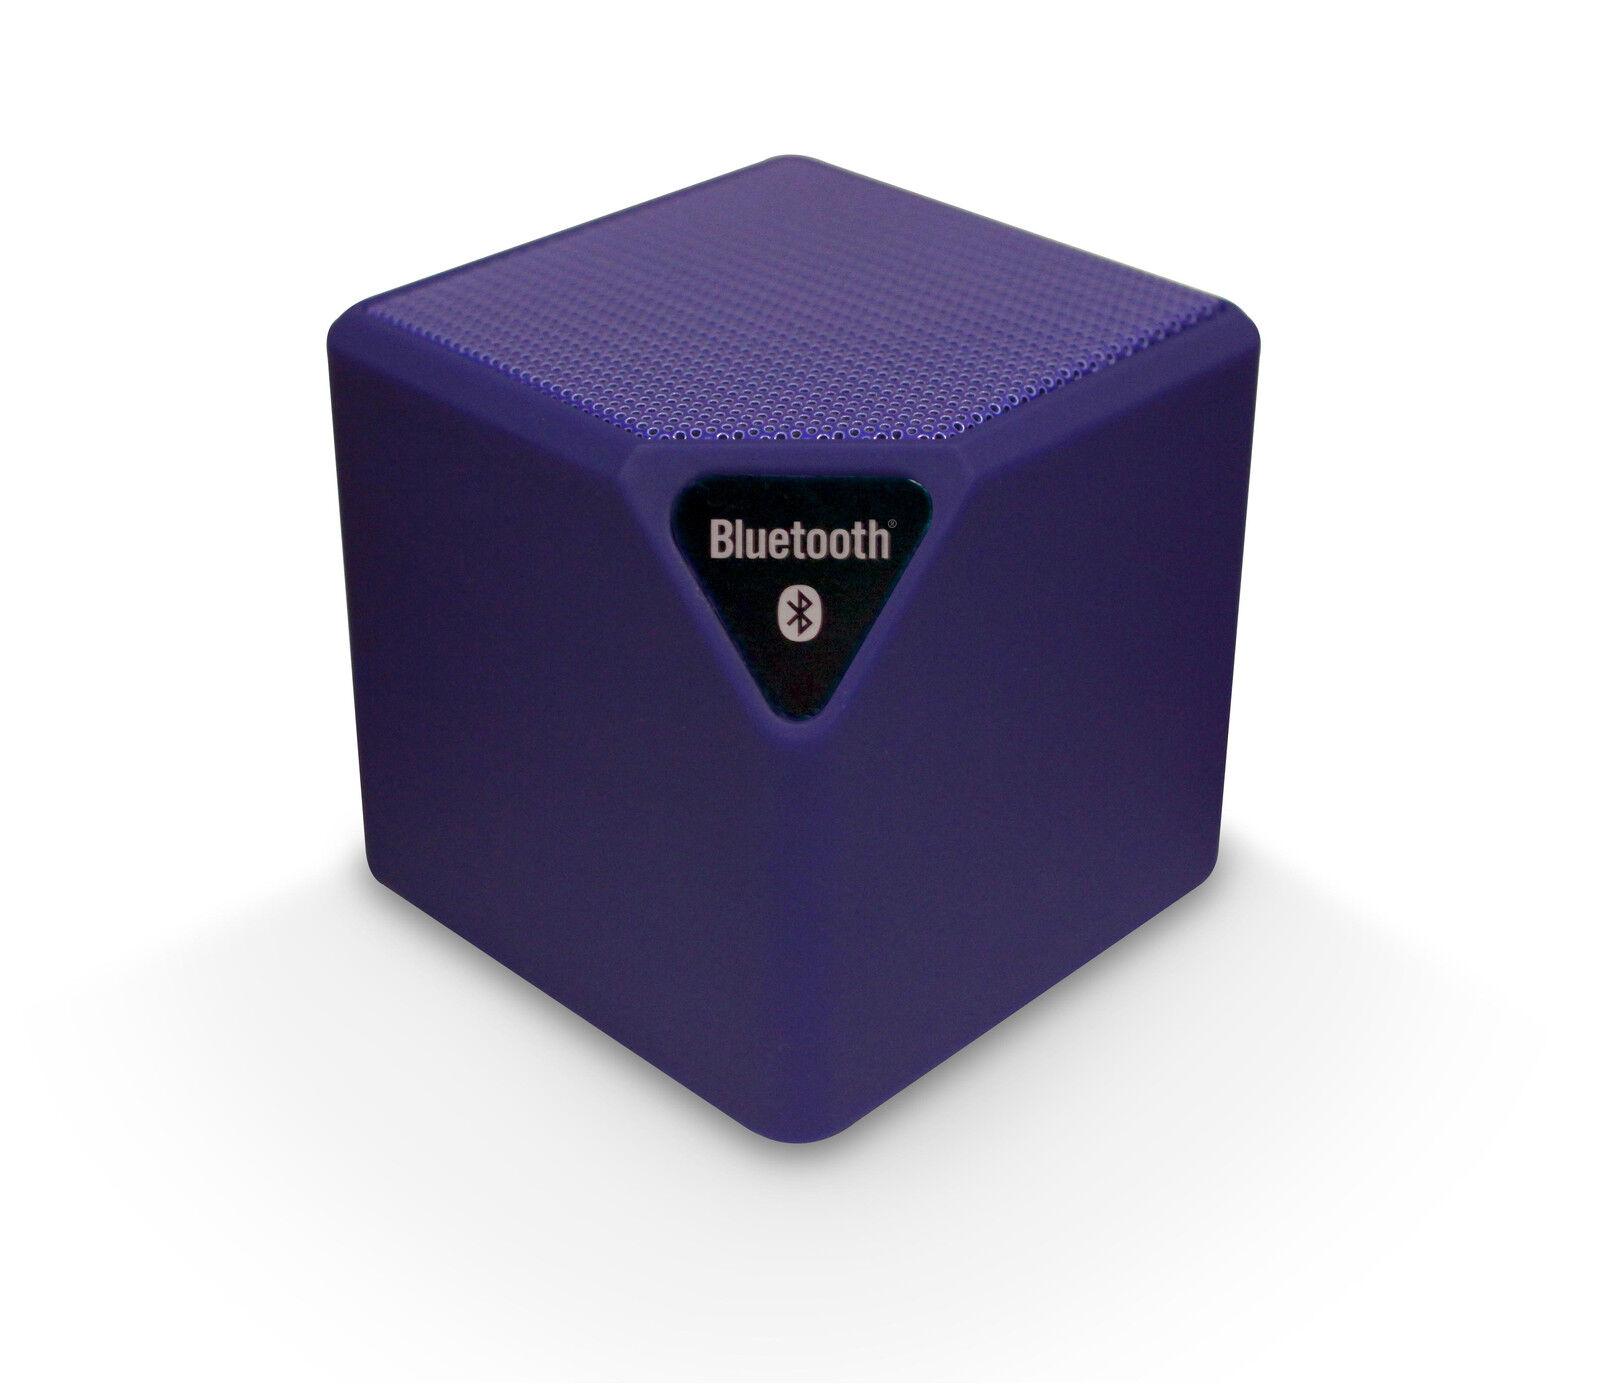 Preiswert Kaufen Bigben Bt14 Bluetooth-lautsprecher Portable Box Freisprecheinrichtung Aux Akku Audio-docks & Mini-lautsprecher